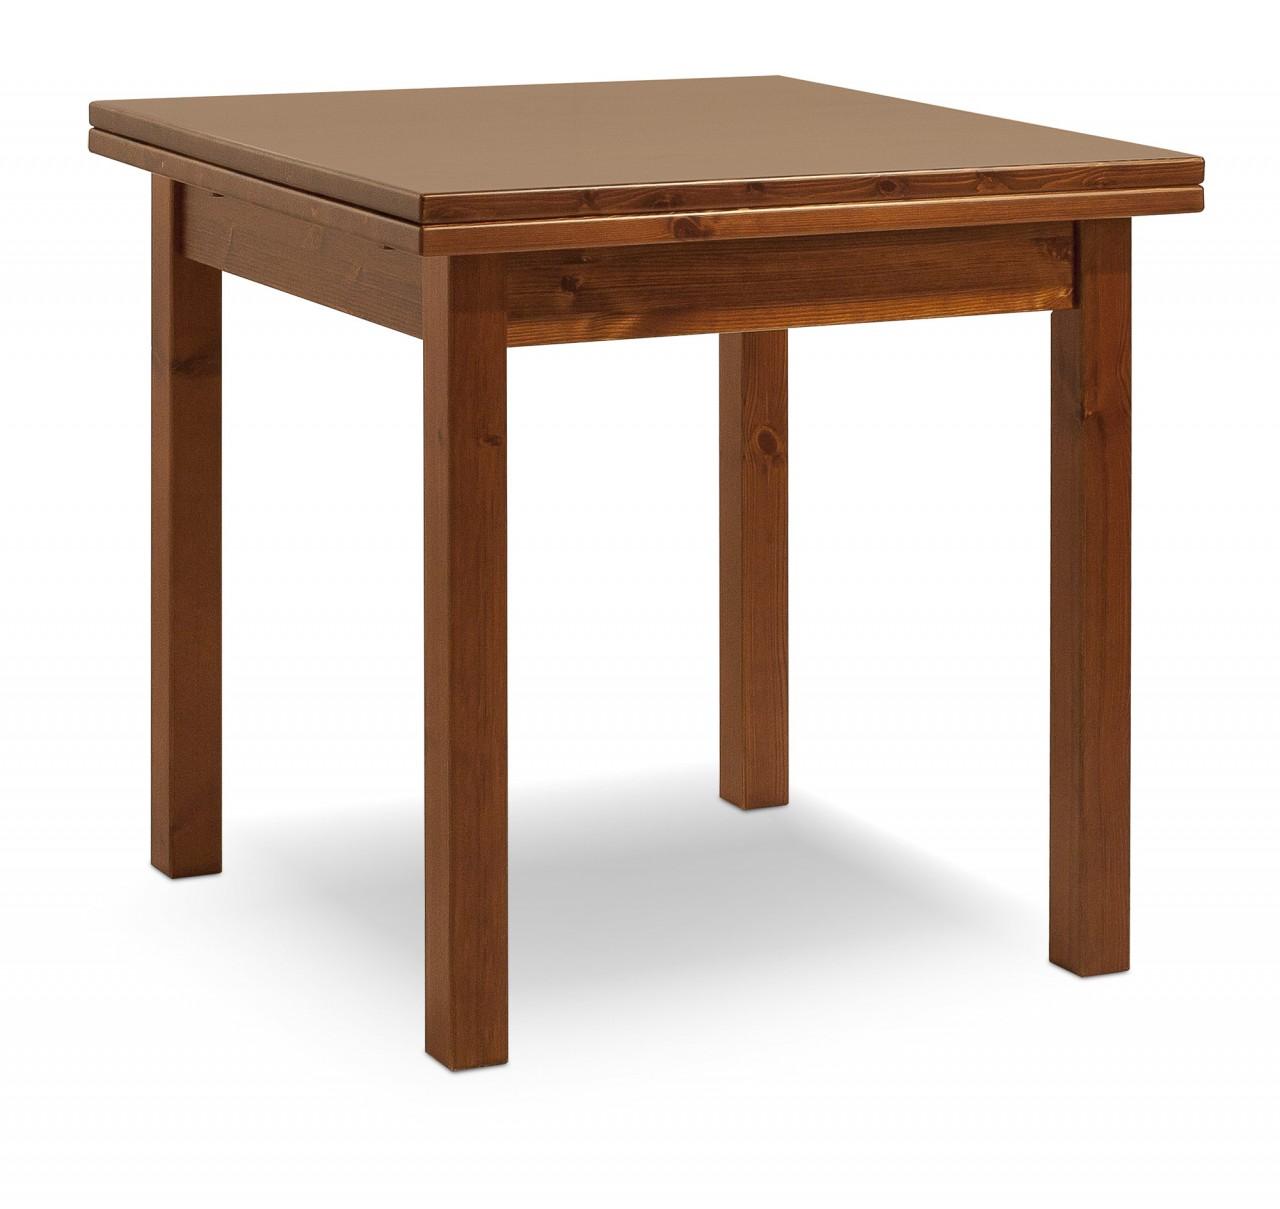 Tavoli in pino tavolo a libro 80x80 arredamenti rustici - Tavoli allungabili a libro ...